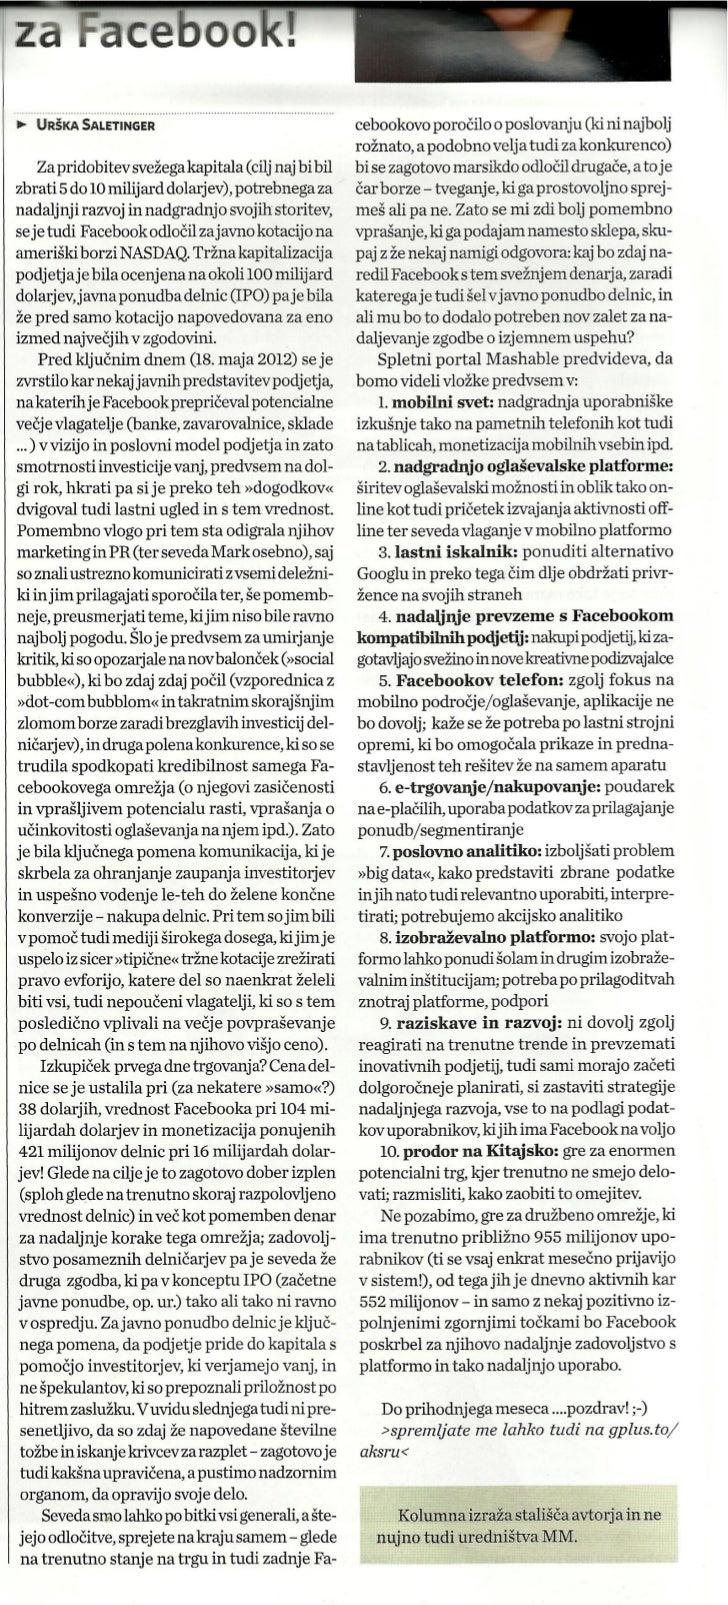 Nov kapital, nove investicije za Facebook__Marketing Magazin_sep2012_st.376_str.16